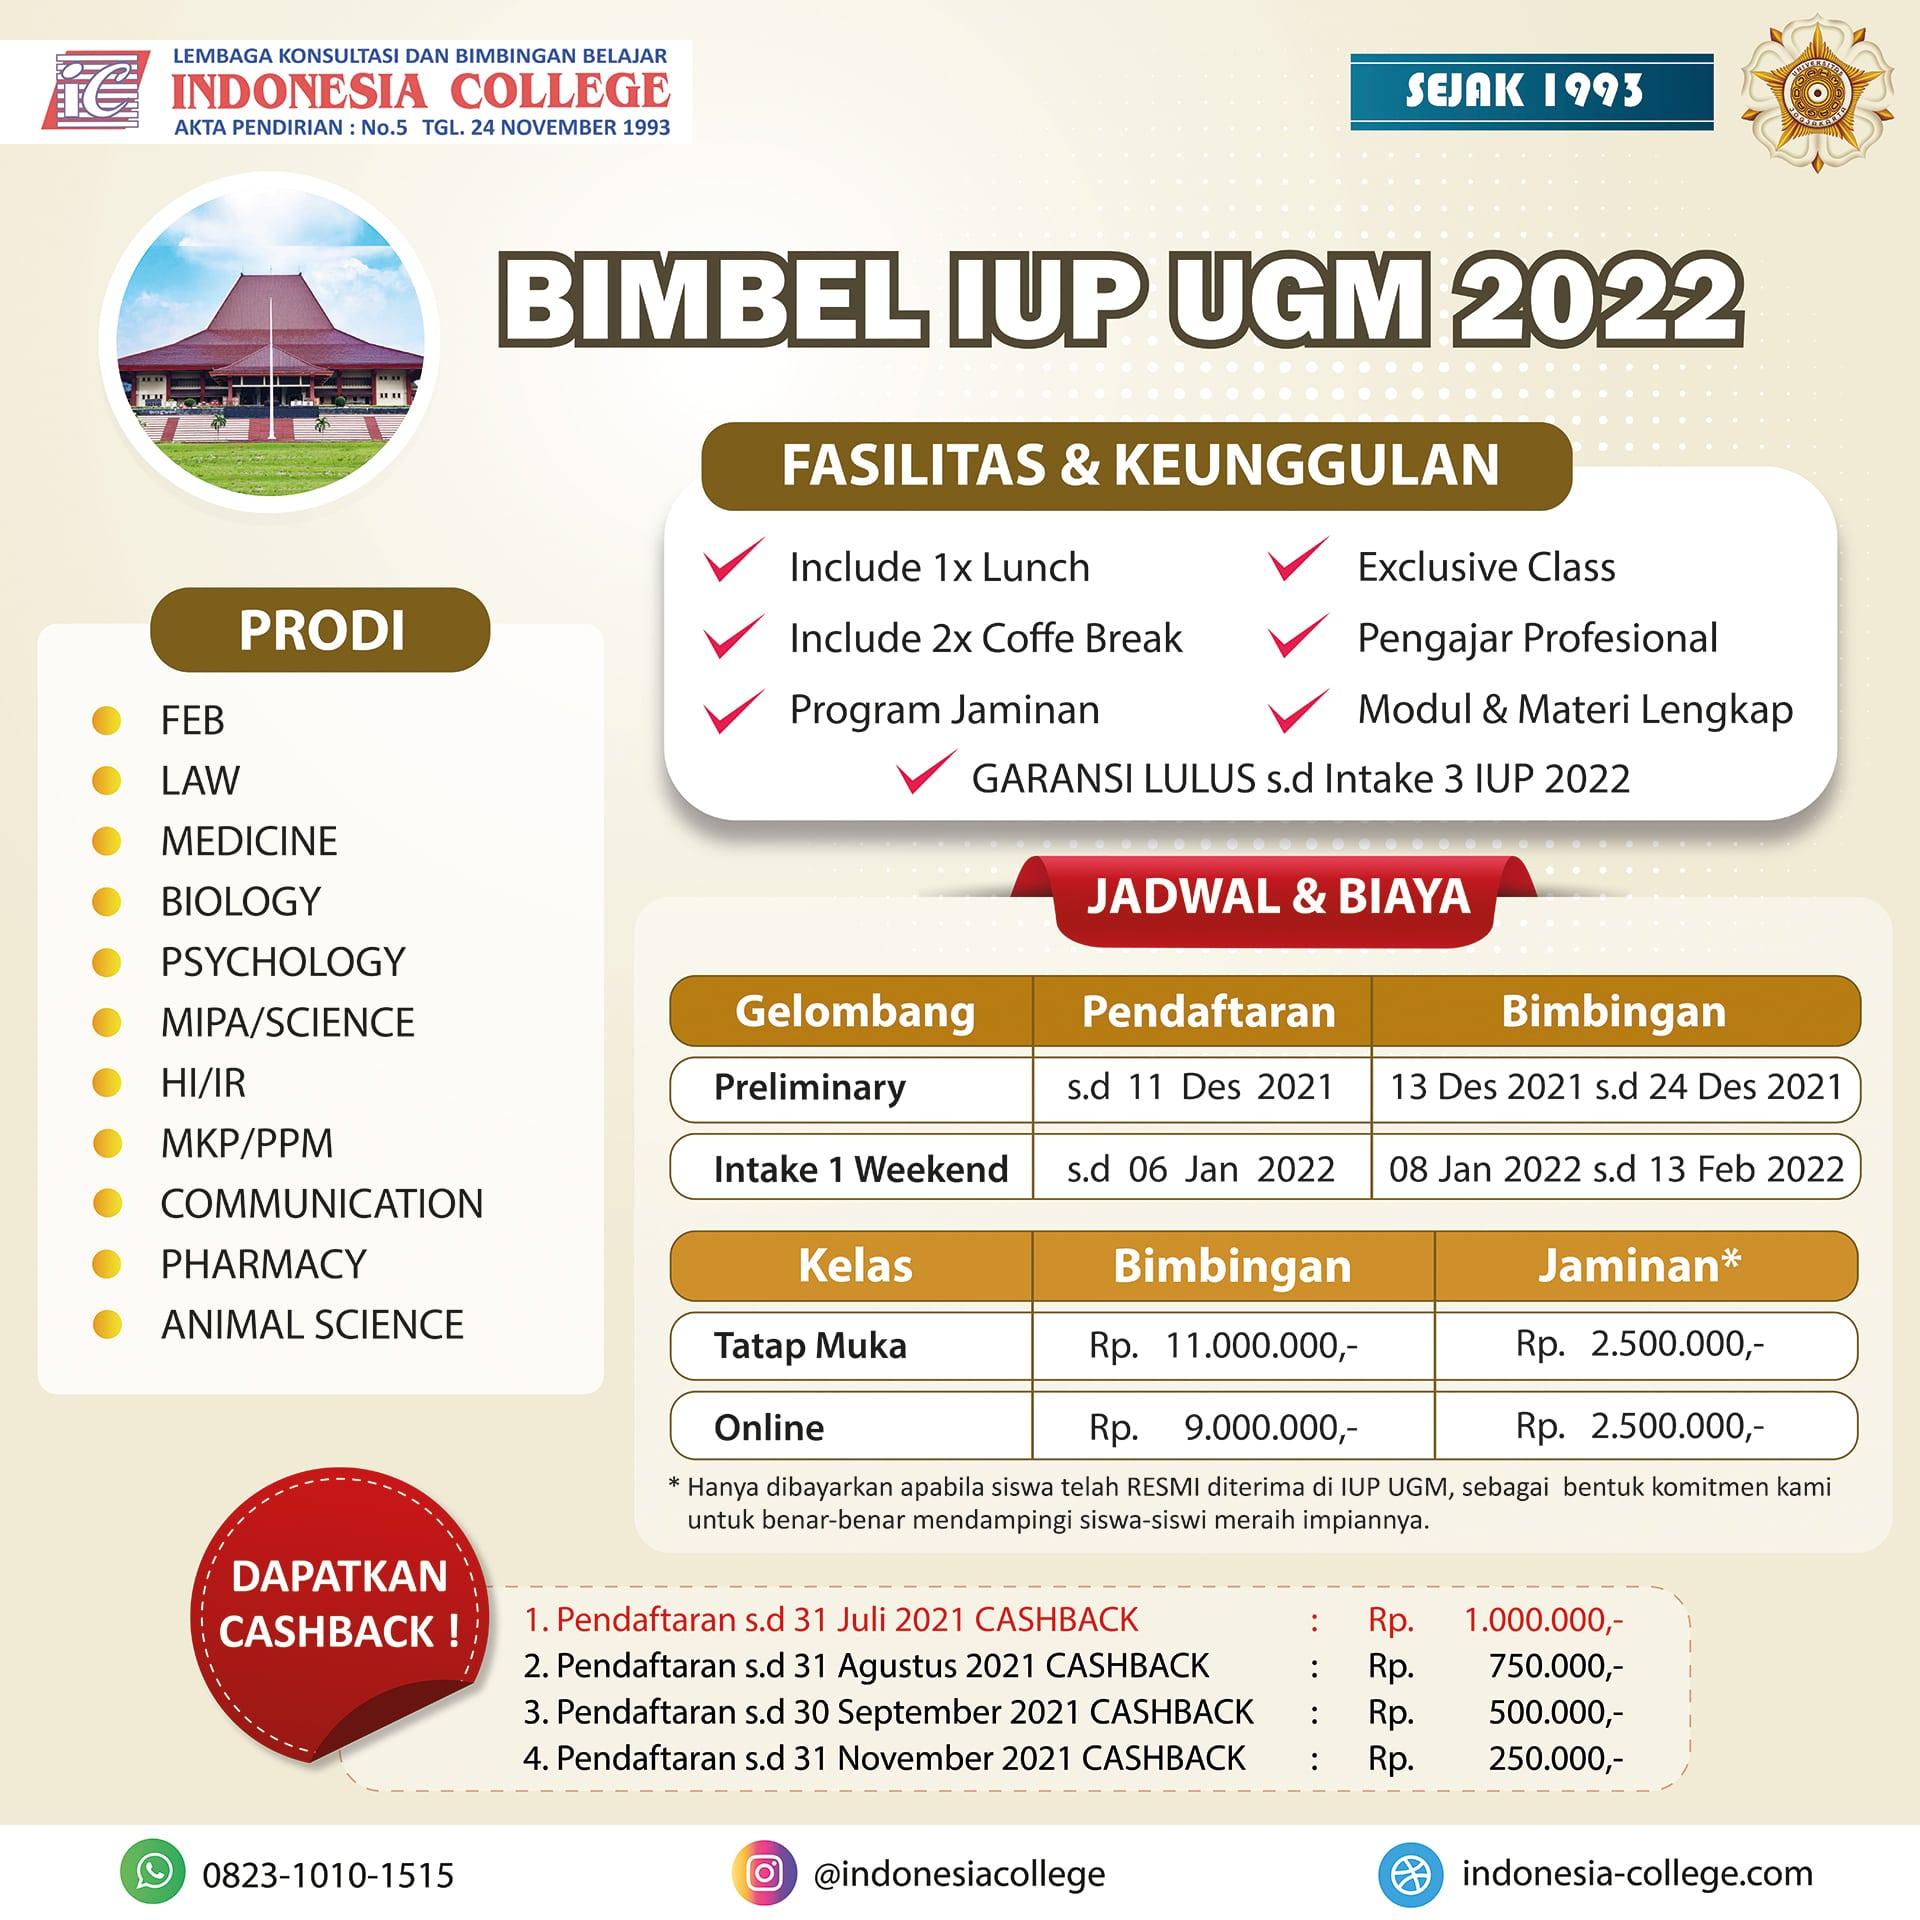 Bimbel IUP UGM 2022